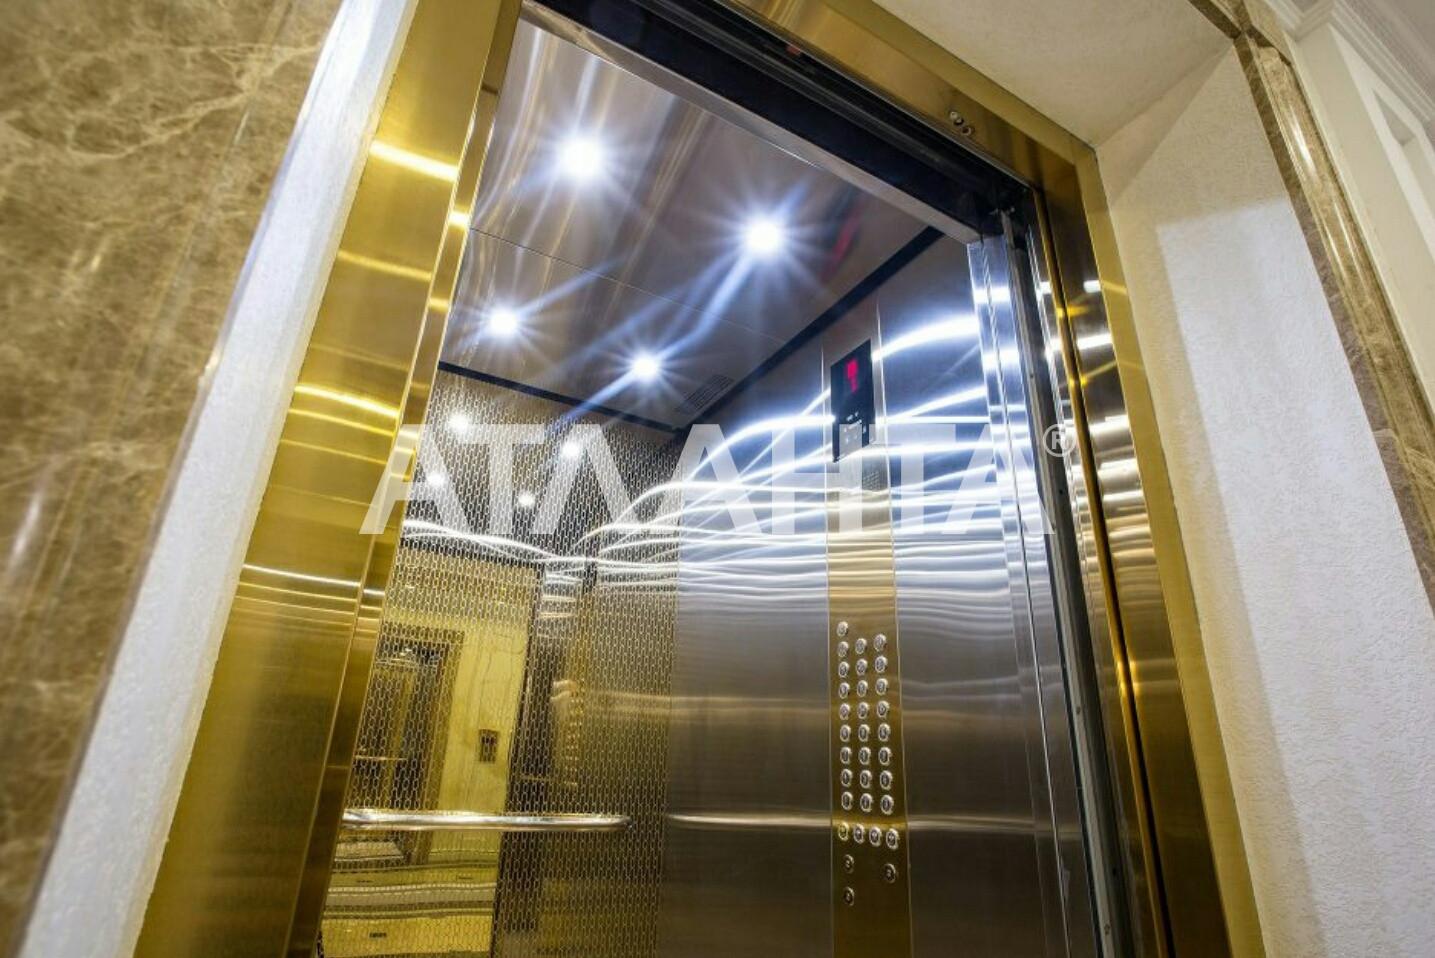 Продается 1-комнатная Квартира на ул. Жемчужная — 44 000 у.е. (фото №10)